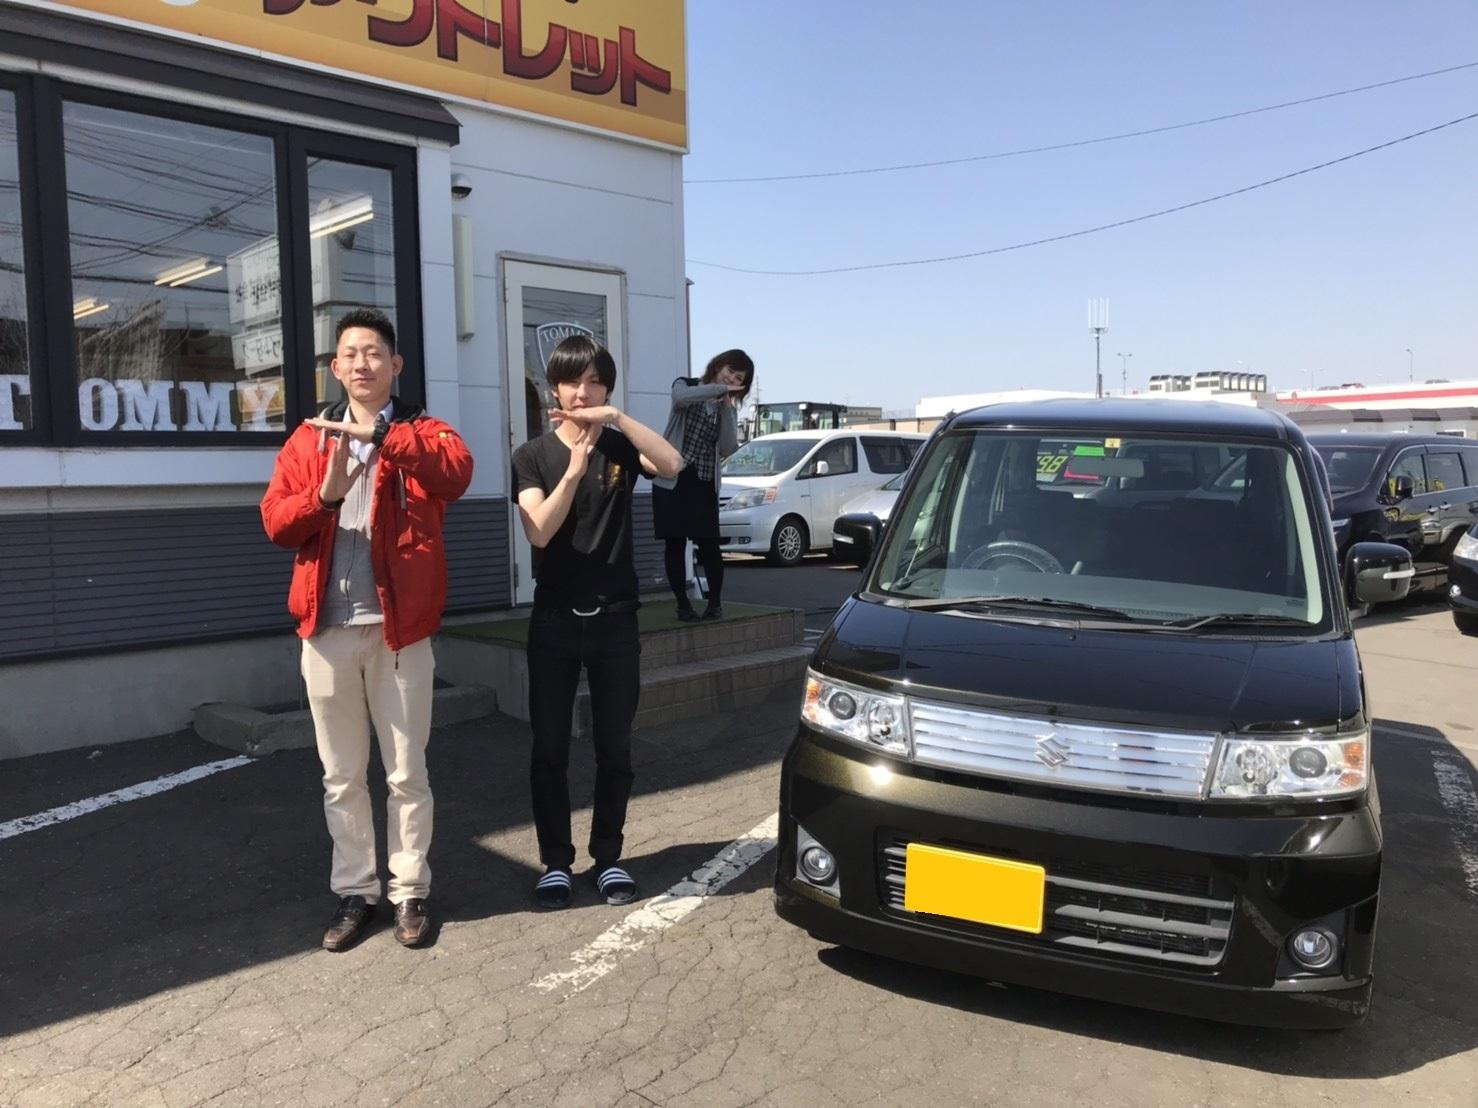 4月17日(水)☆TOMMYアウトレット☆あやあゆブログ(∩ˊ꒳ˋ∩)・* ワゴンR A様納車♪たくさんのご来店ありがとうございます♡_b0127002_16593038.jpg